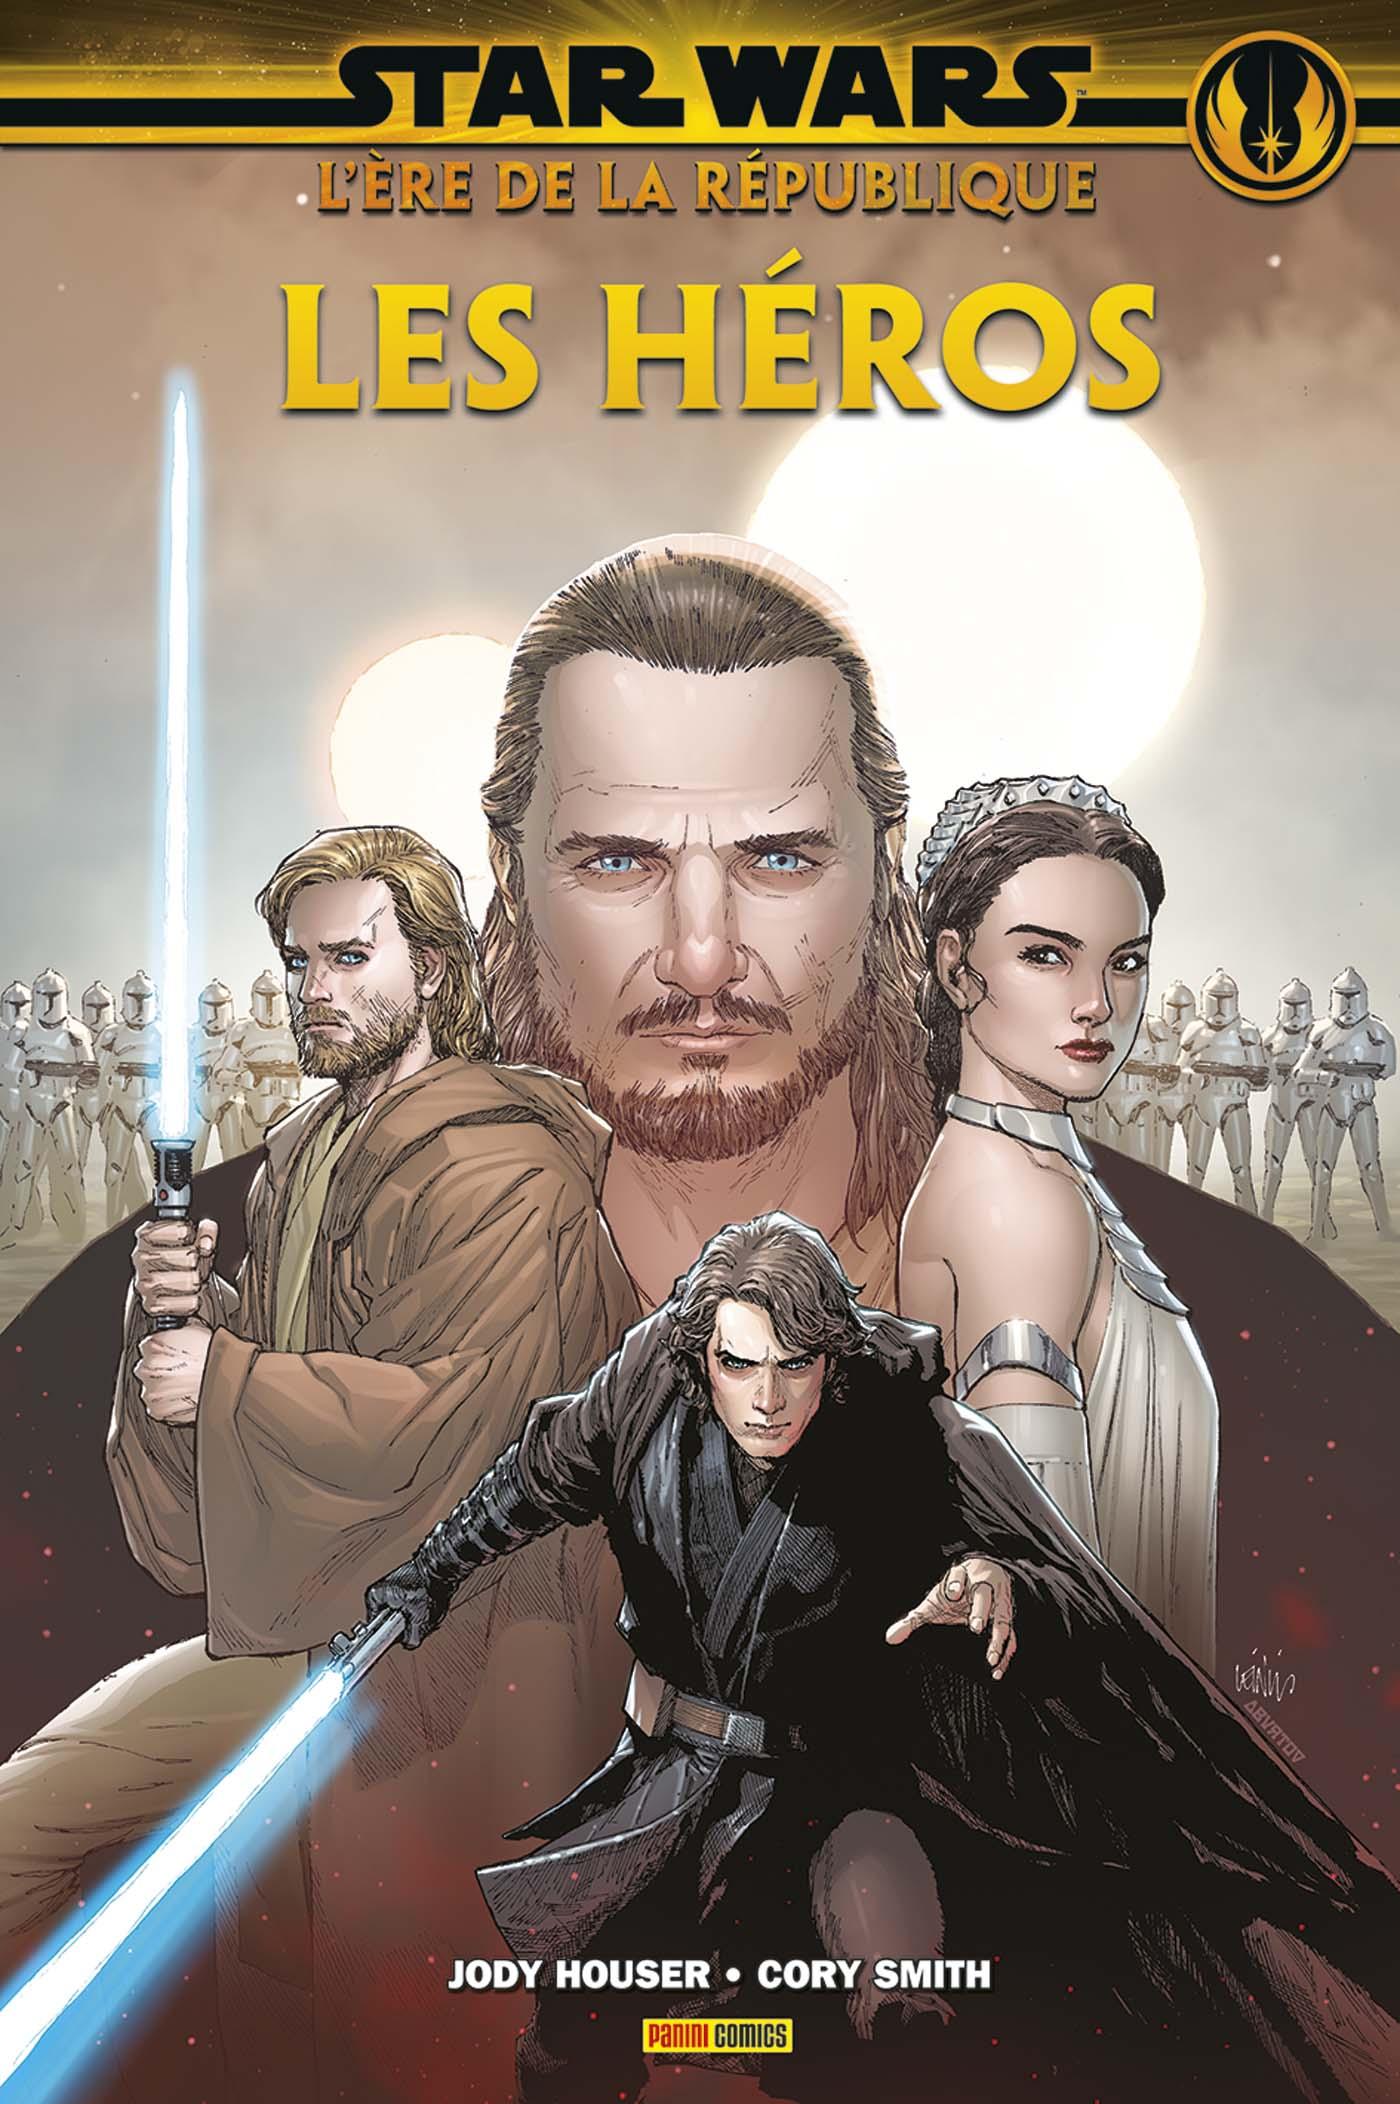 Star Wars : L'Ère de la République — Les Héros